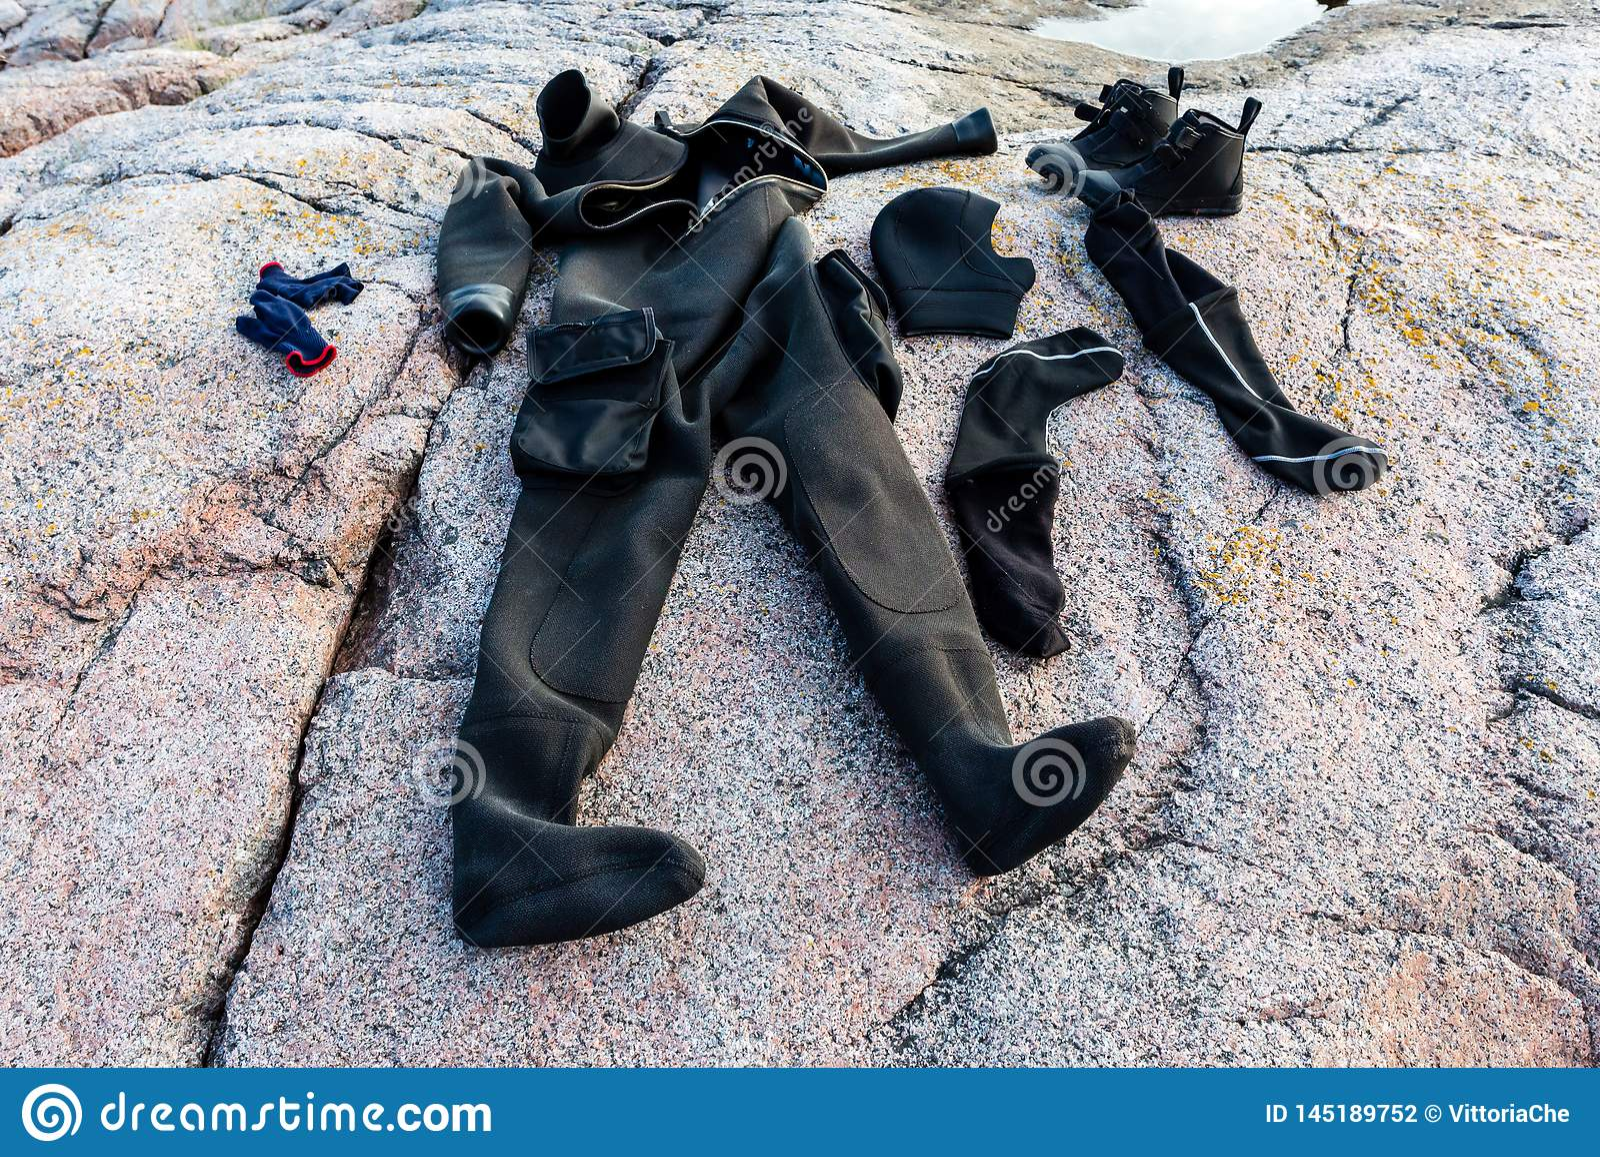 El equipo de buceo se seca despu?s de zambullirse en la costa de piedra